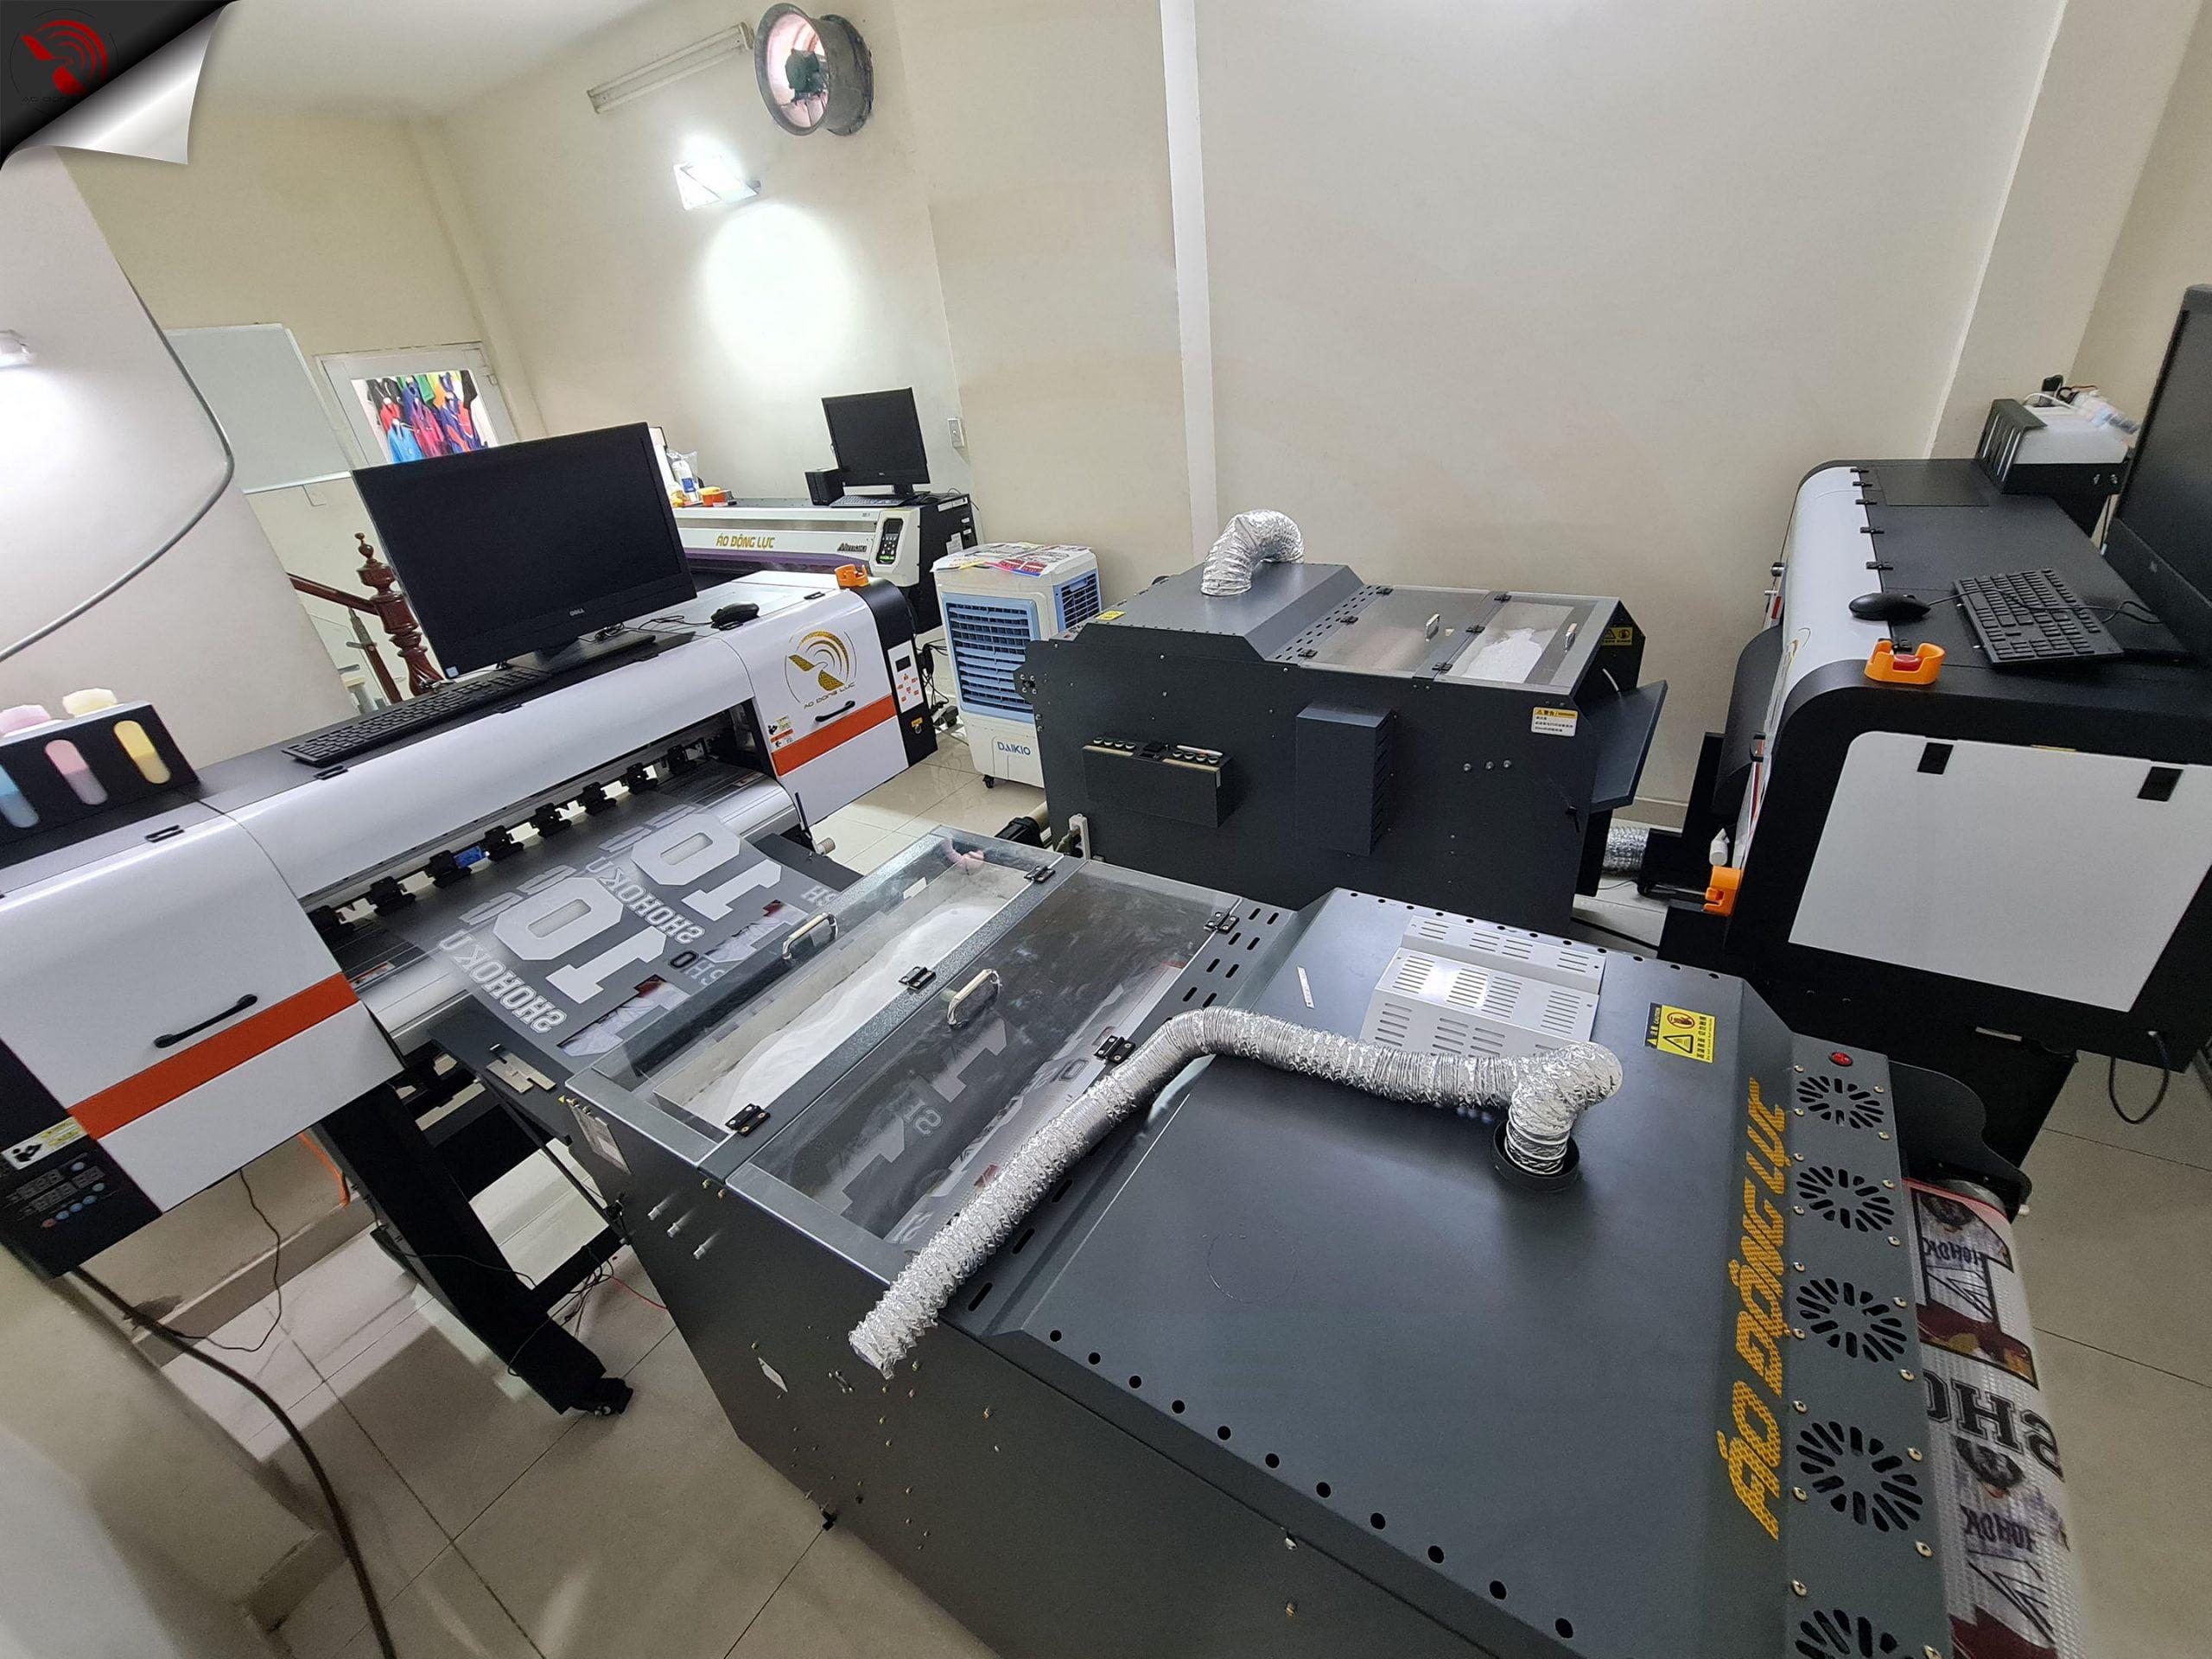 Hệ thống 2 máy in pet kỹ thuật số, chạy cuộn công nghiệp, tại phòng sản xuất áo động lực